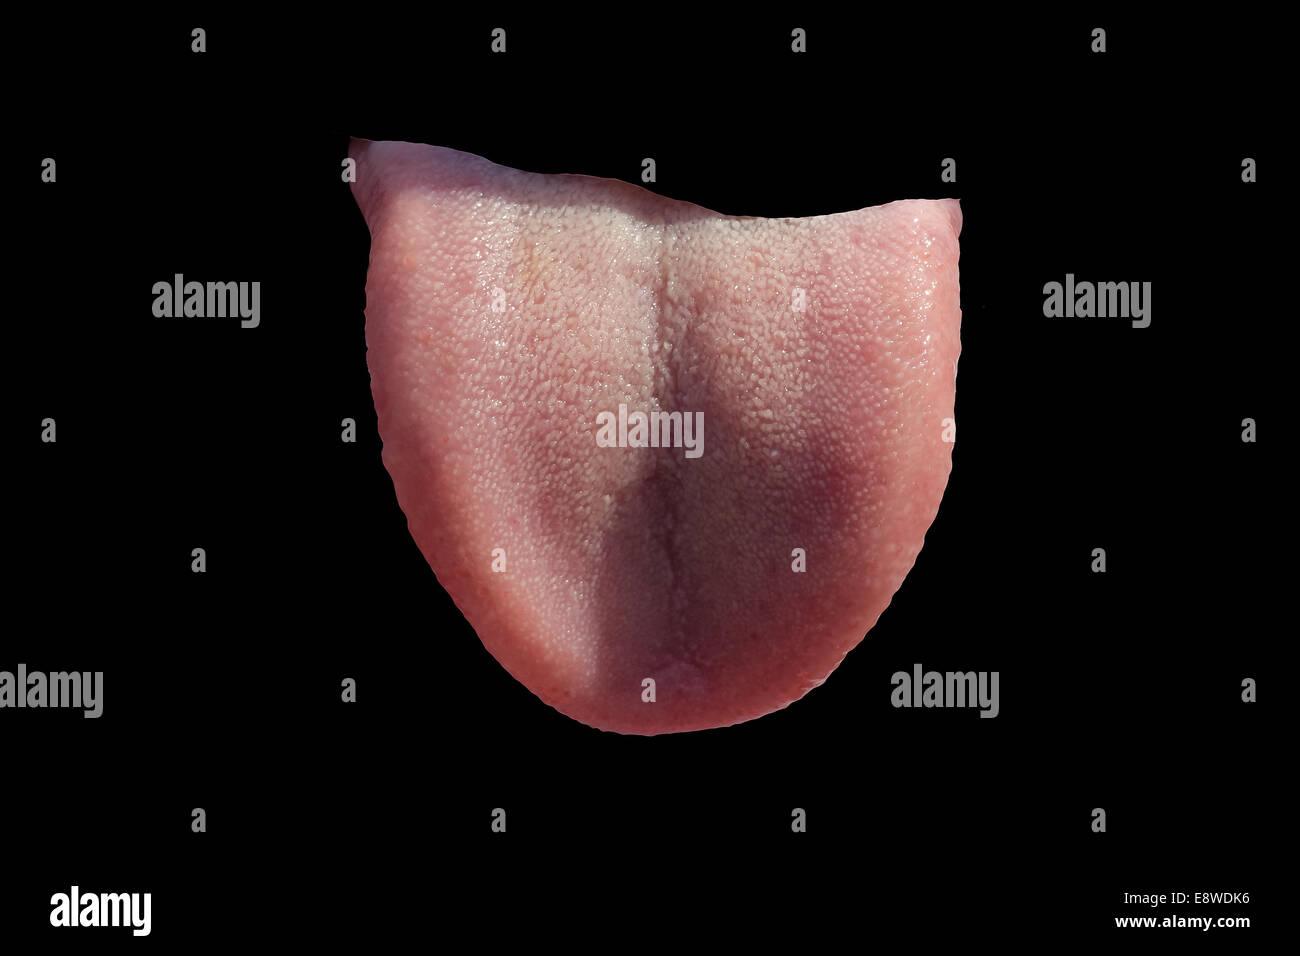 Lengua humana puso fuera a través del agujero en la superficie negra. Gracioso dibujo abstracto Foto de stock